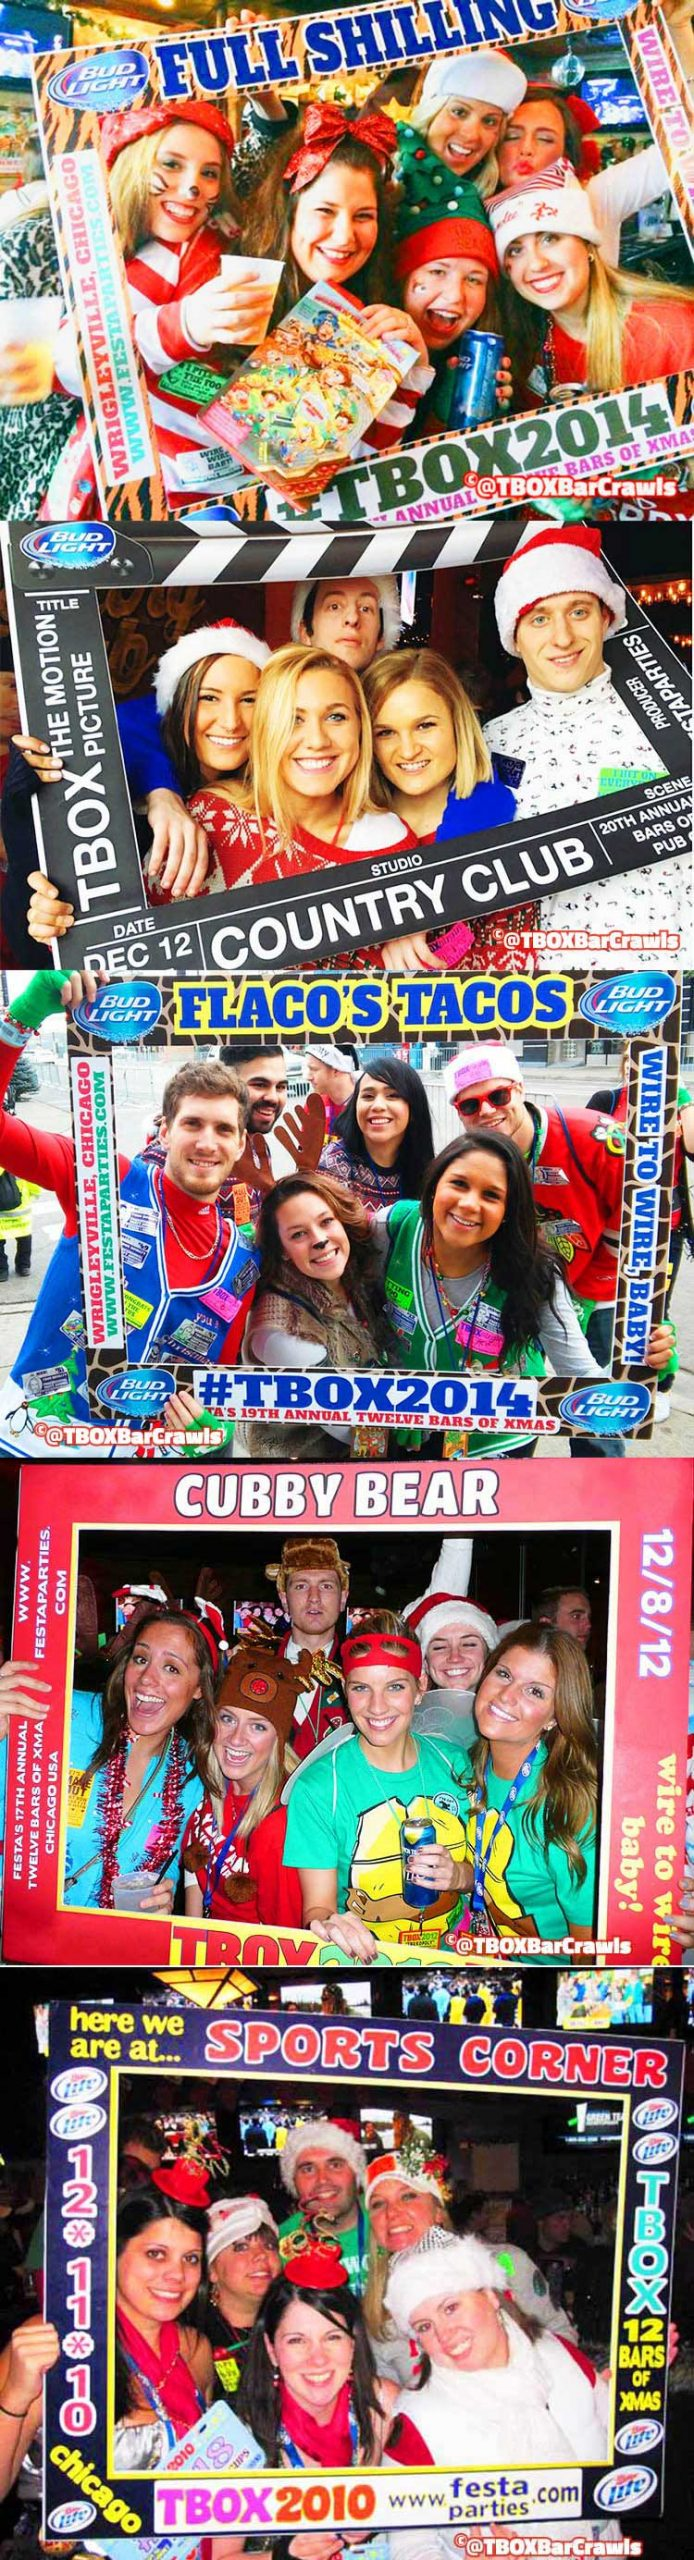 Frames Montage - TBOX Bar Crawl - Chicago Fun - Chicago Events - Wrigley Pub Crawl